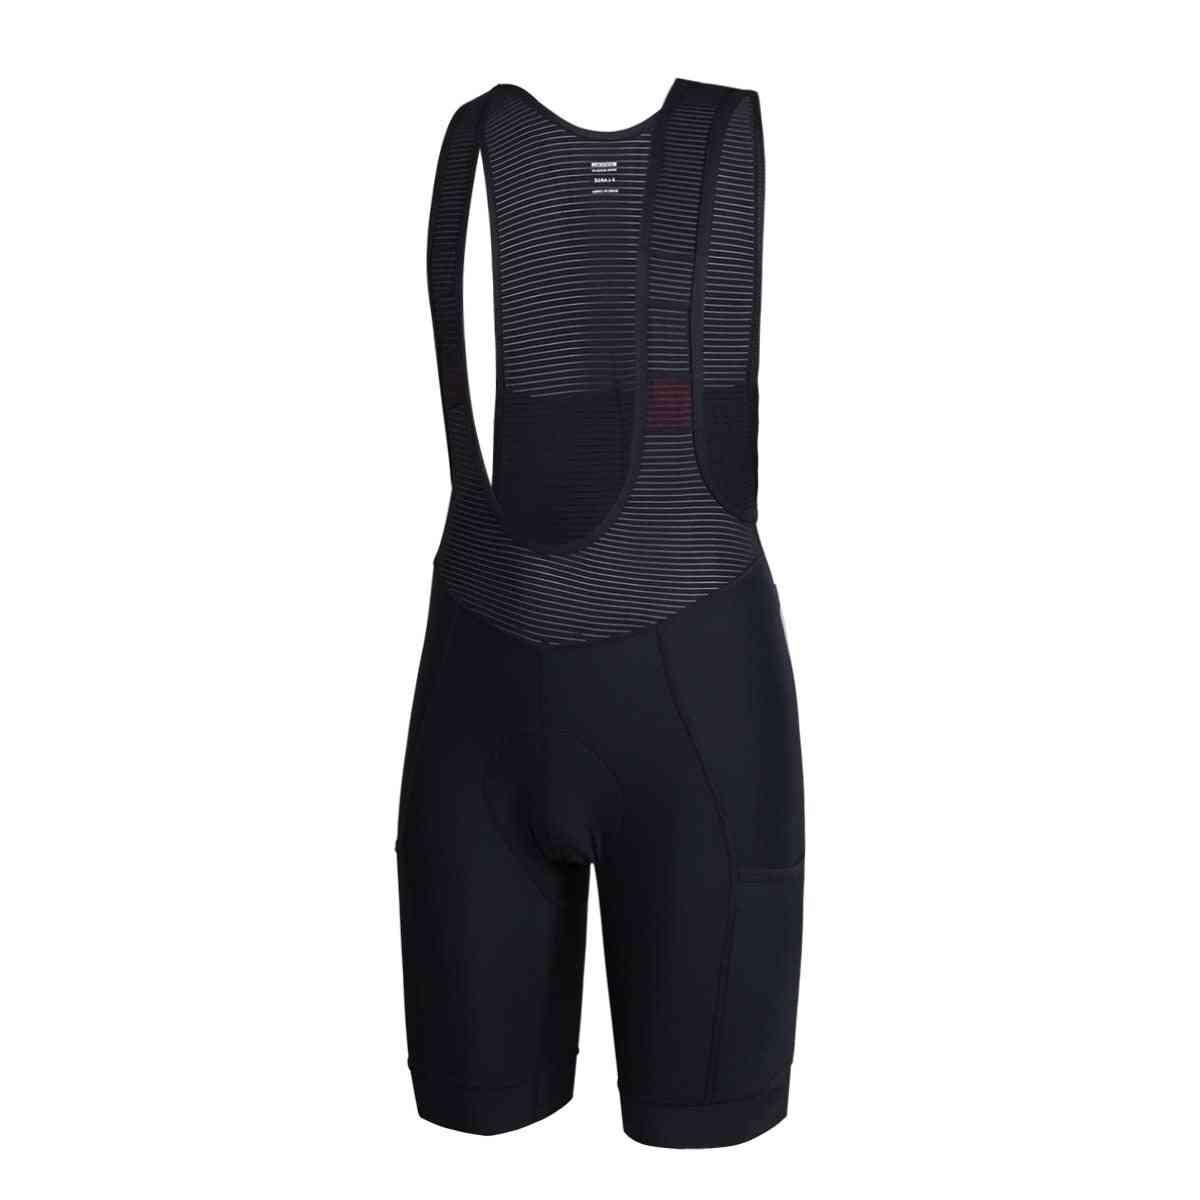 Long Travel Cycling Bib Shorts With Side Pocket Italy Pad Bib Shorts